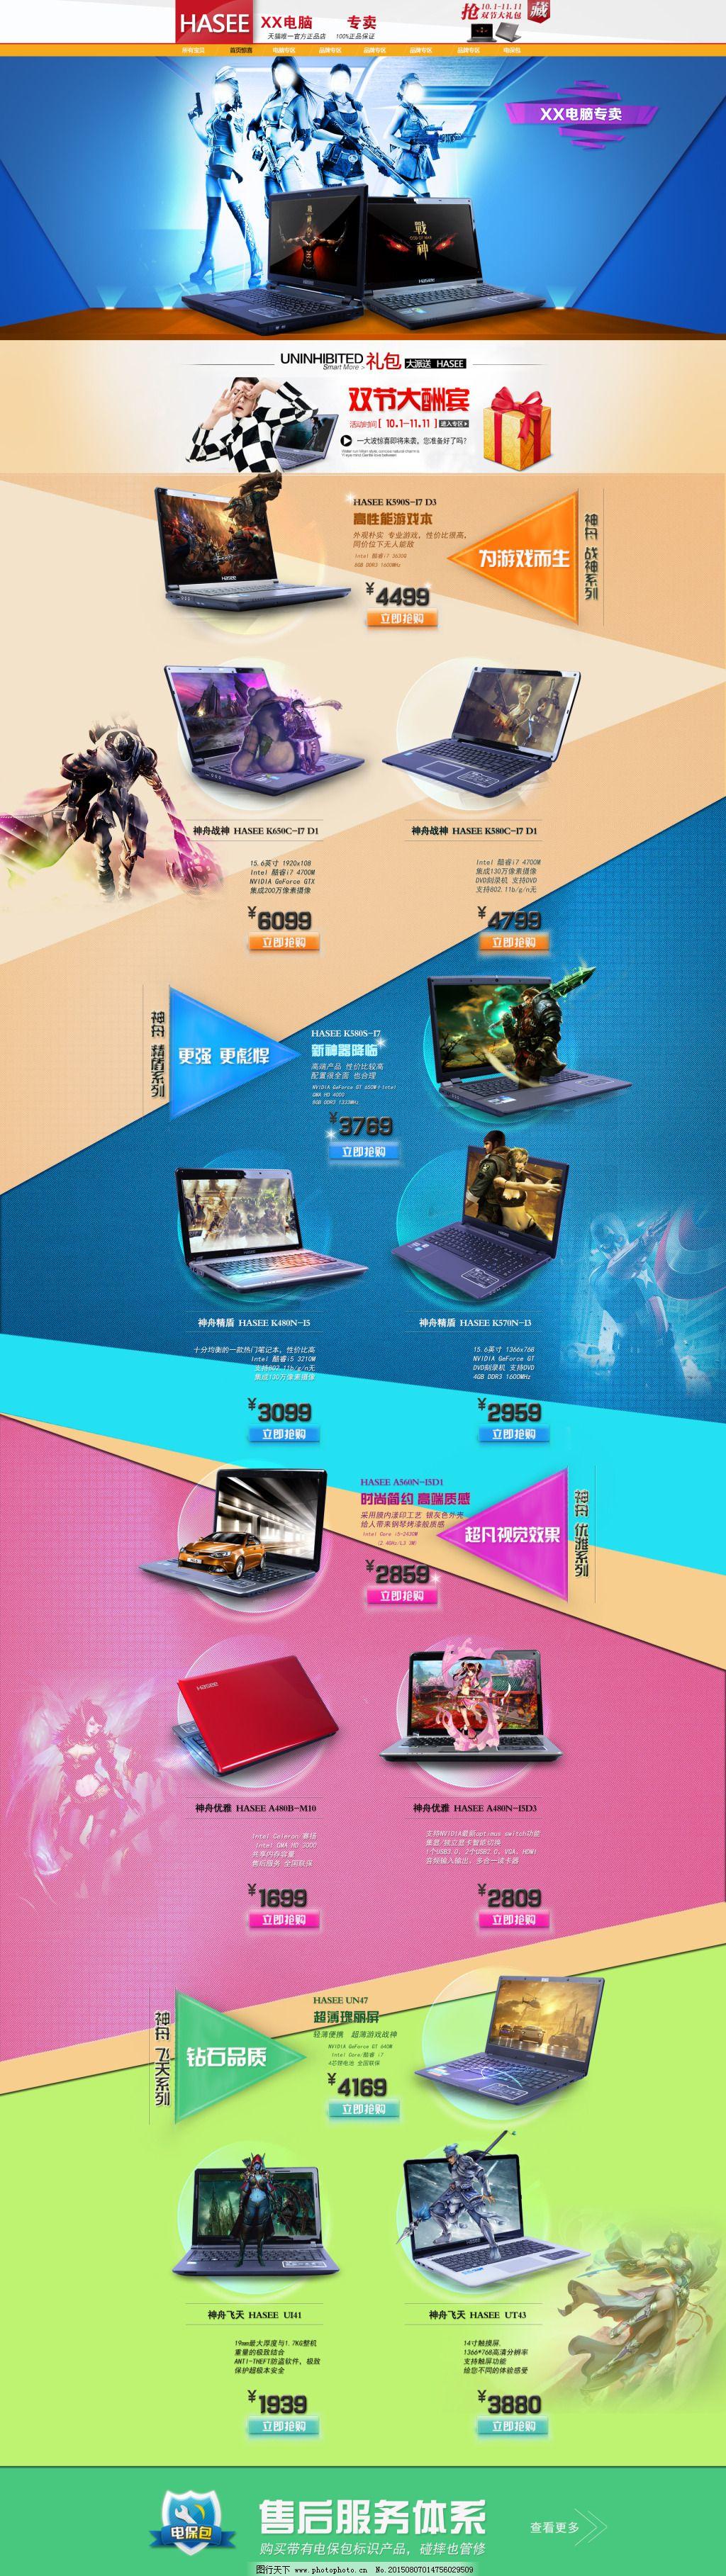 电脑购物网页设计